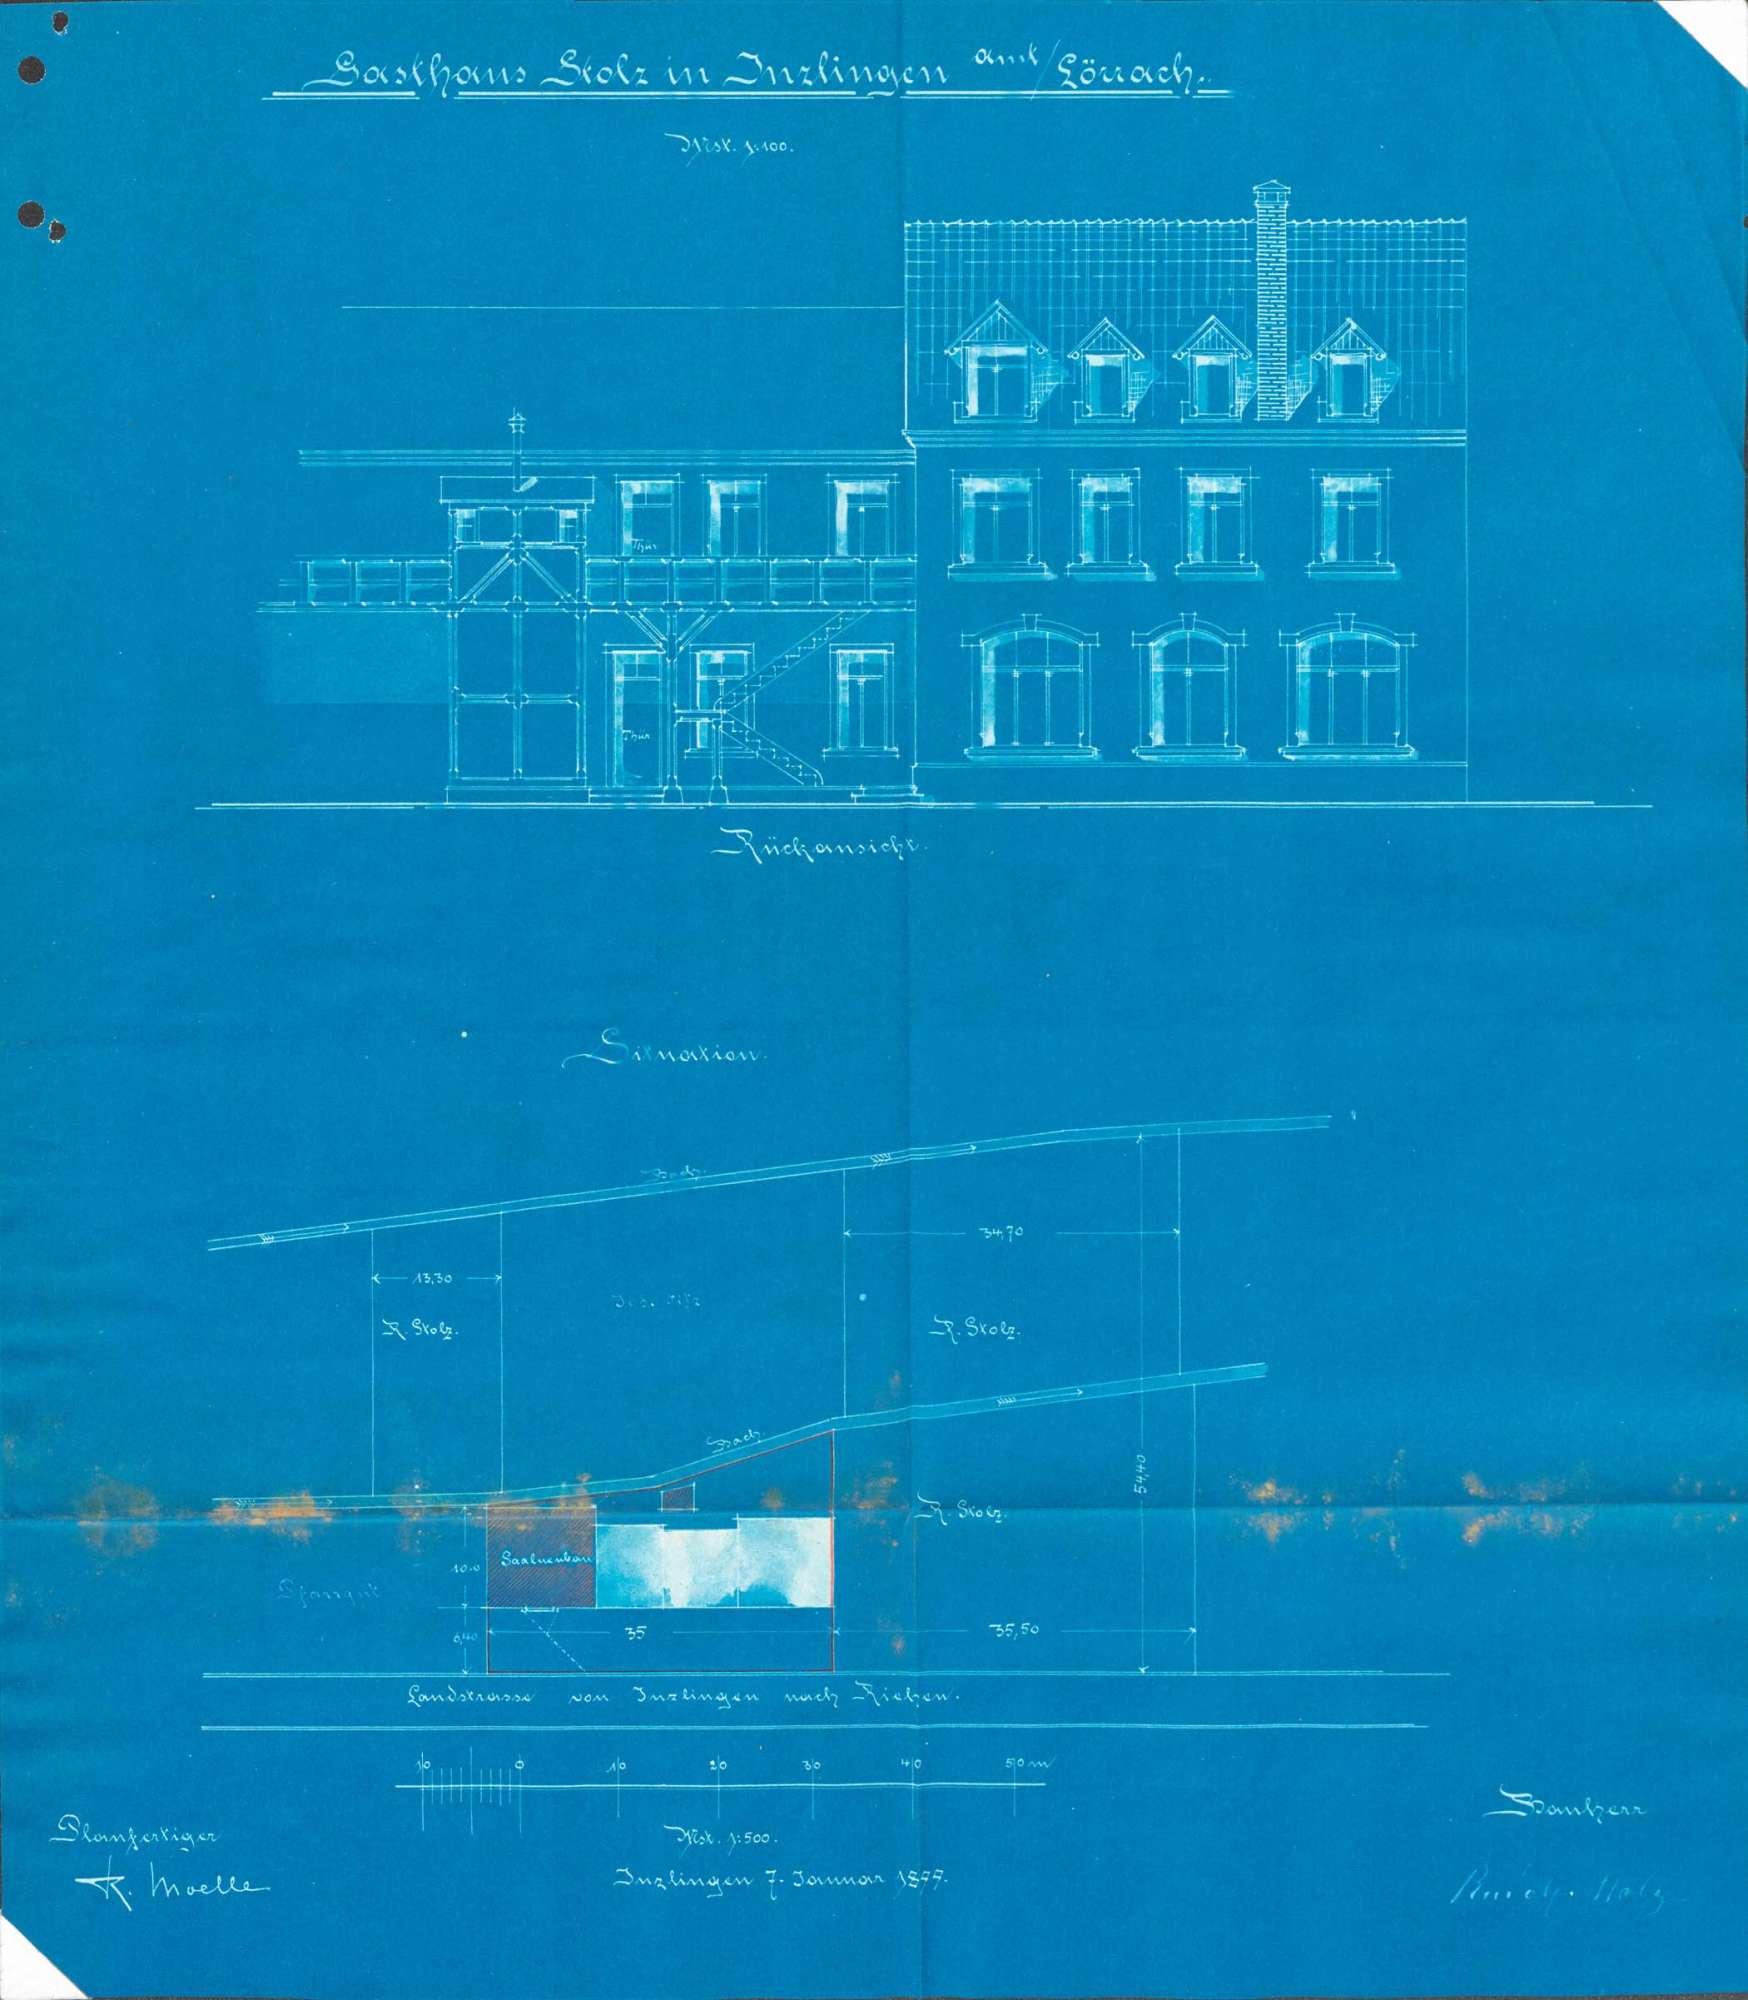 Gesuch des Rudolf Stolz von Inzlingen um Genehmigung zur Erstellung einer neuen Gastwirtschaft, Bild 2